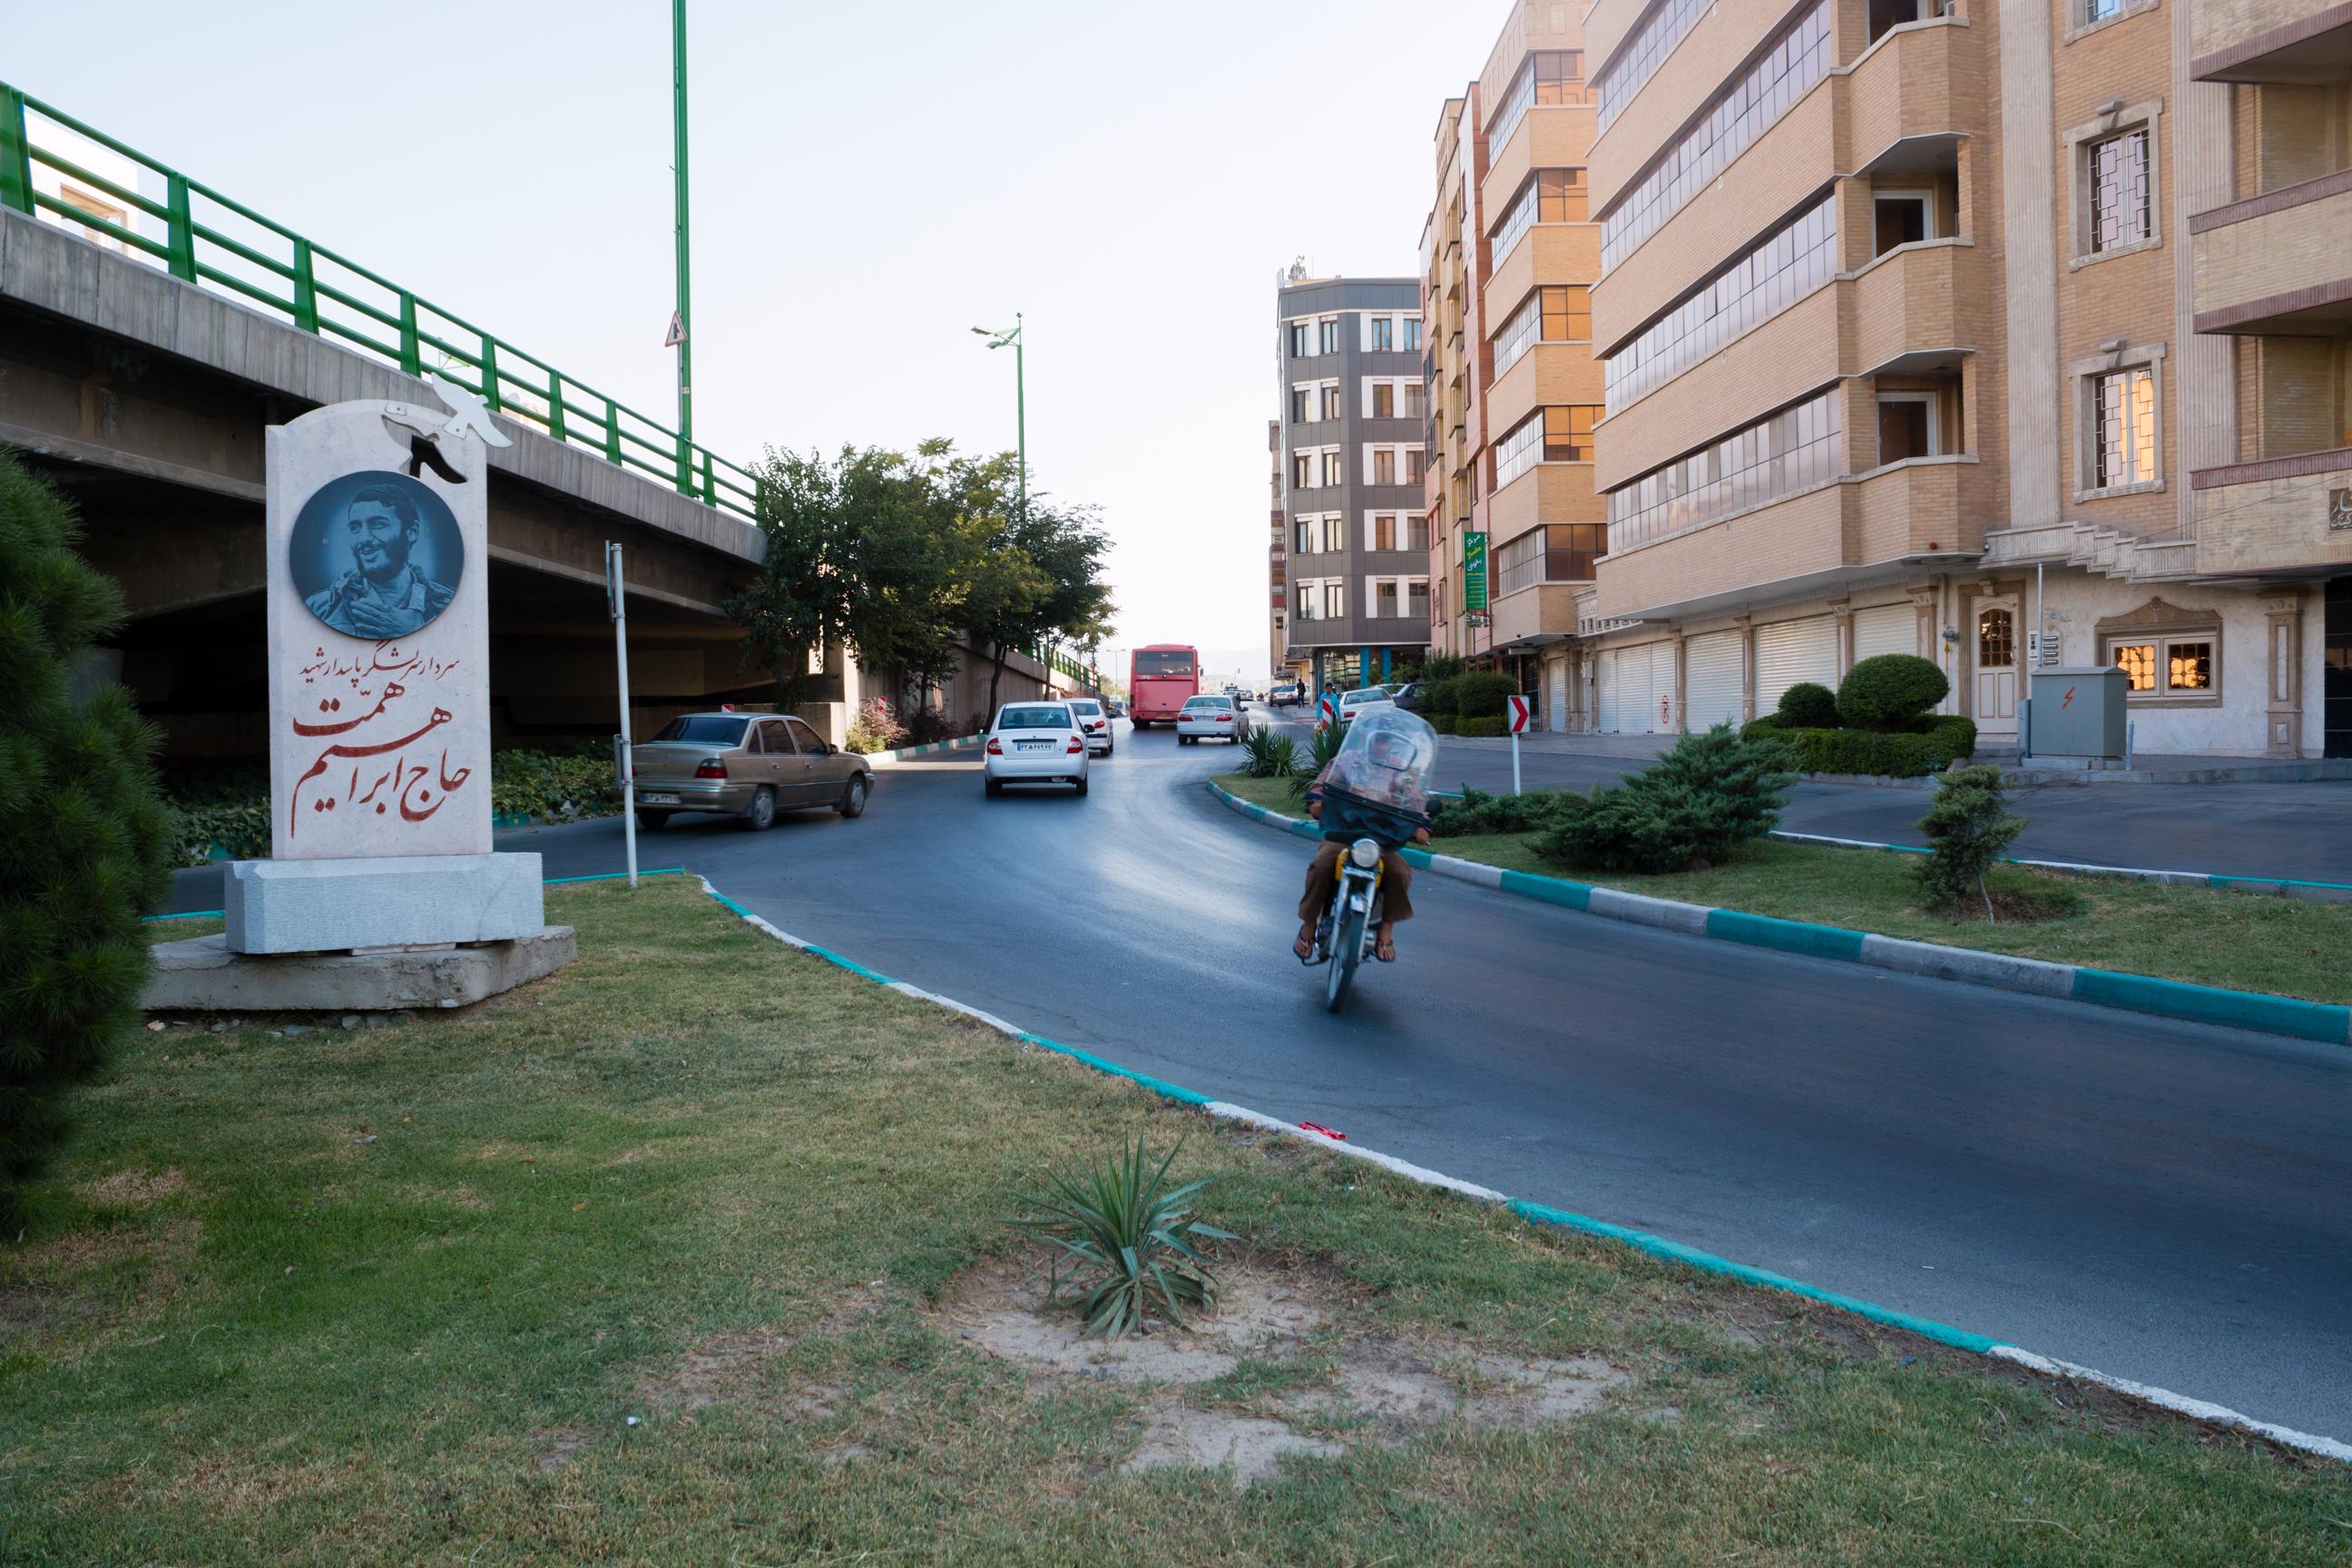 Byle czym, byle pod prąd - główna zasada jazdy motocyklem po Iranie.